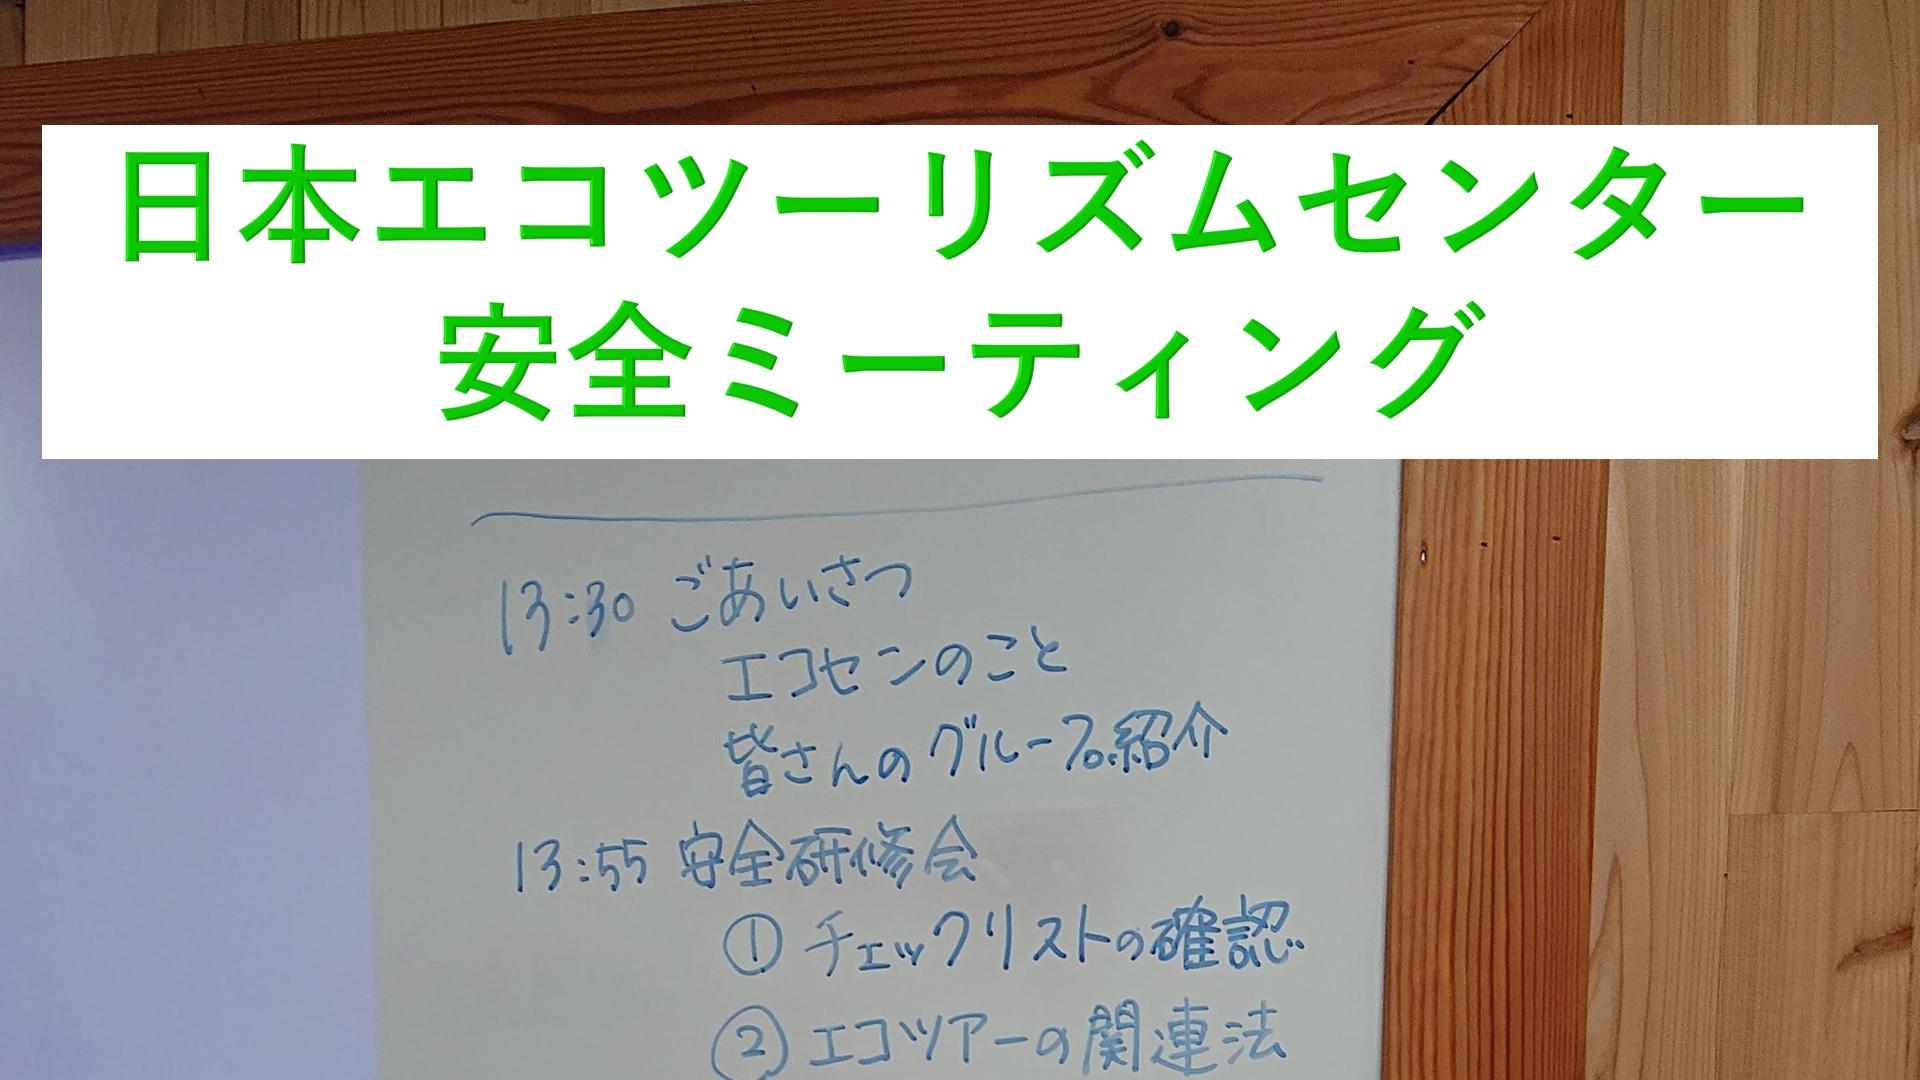 日本エコツーリズムセンター安全ミーティング